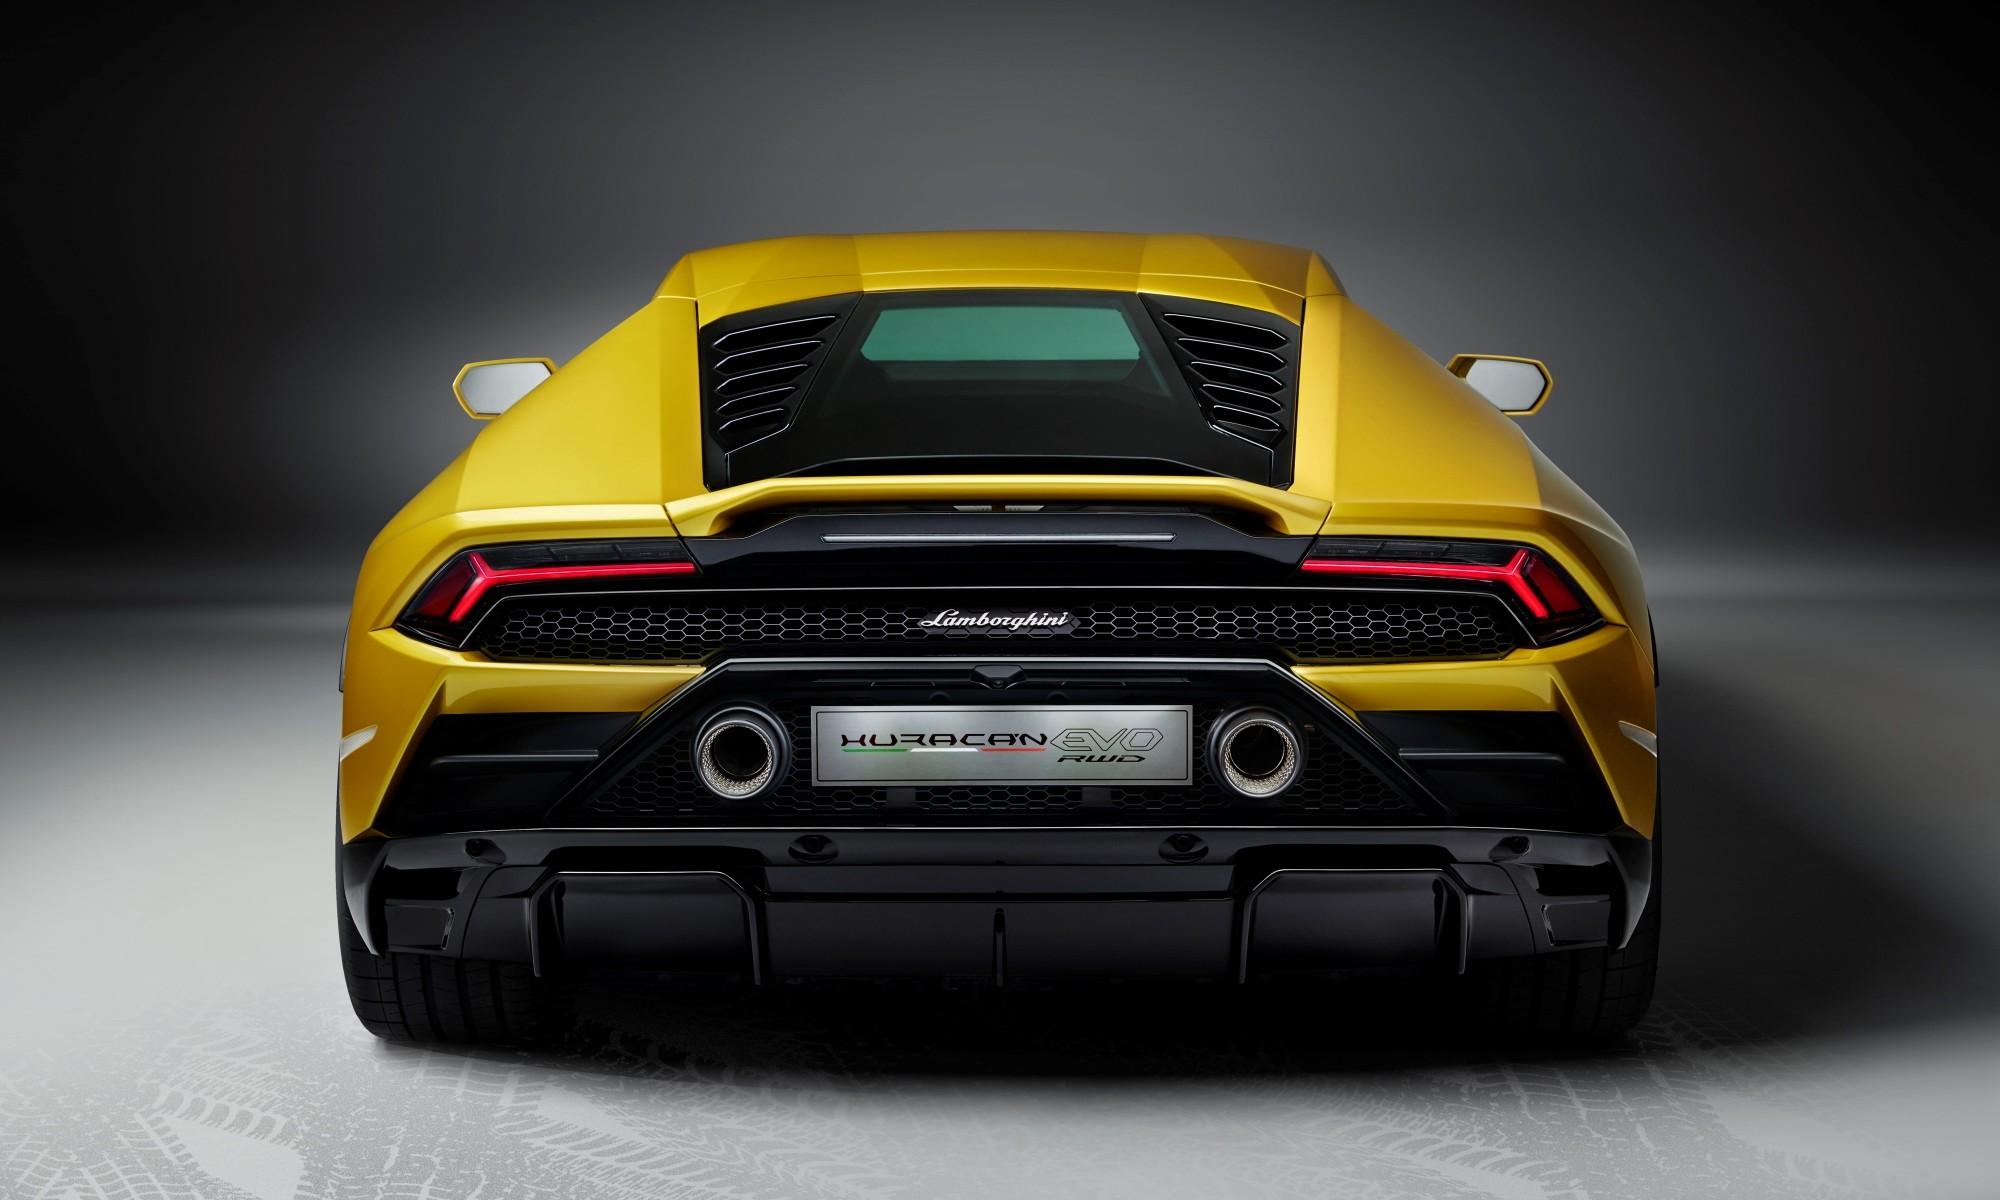 Lamborghini Huracan Evo RWD rear studio